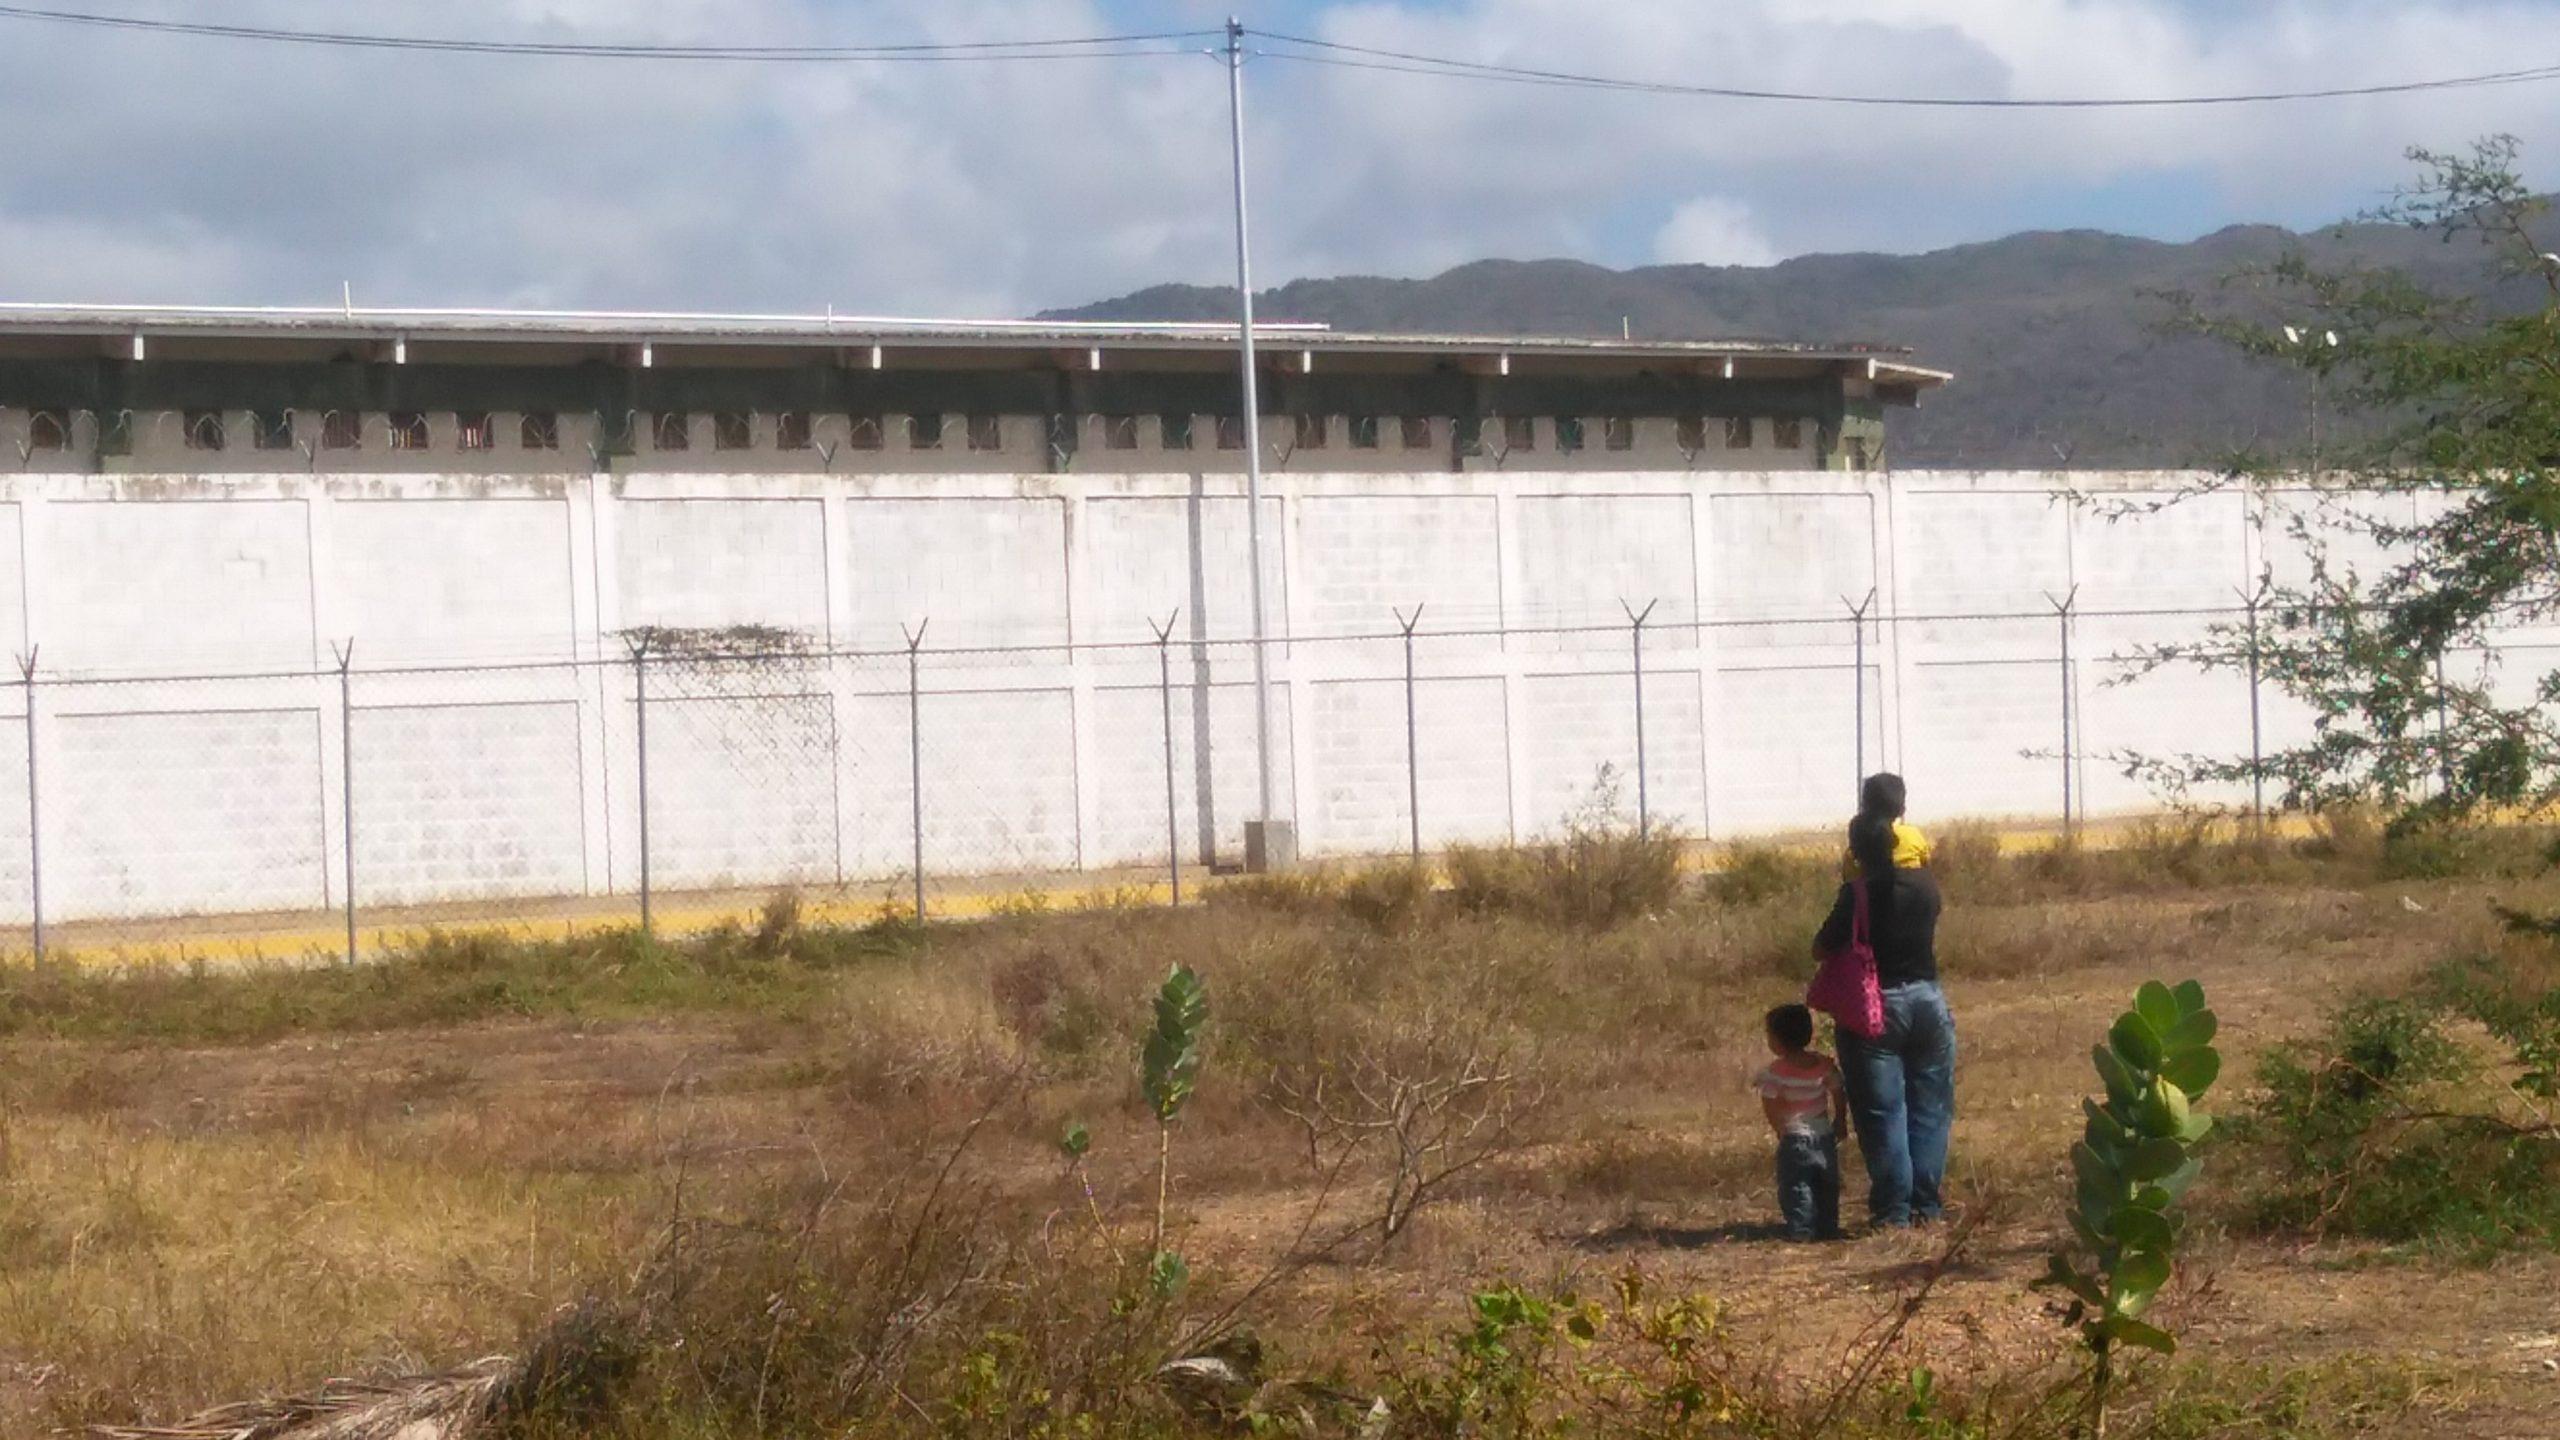 Nueva Esparta: Denuncian fallas en la entrega de comida a presos del Internado Judicial de San Antonio